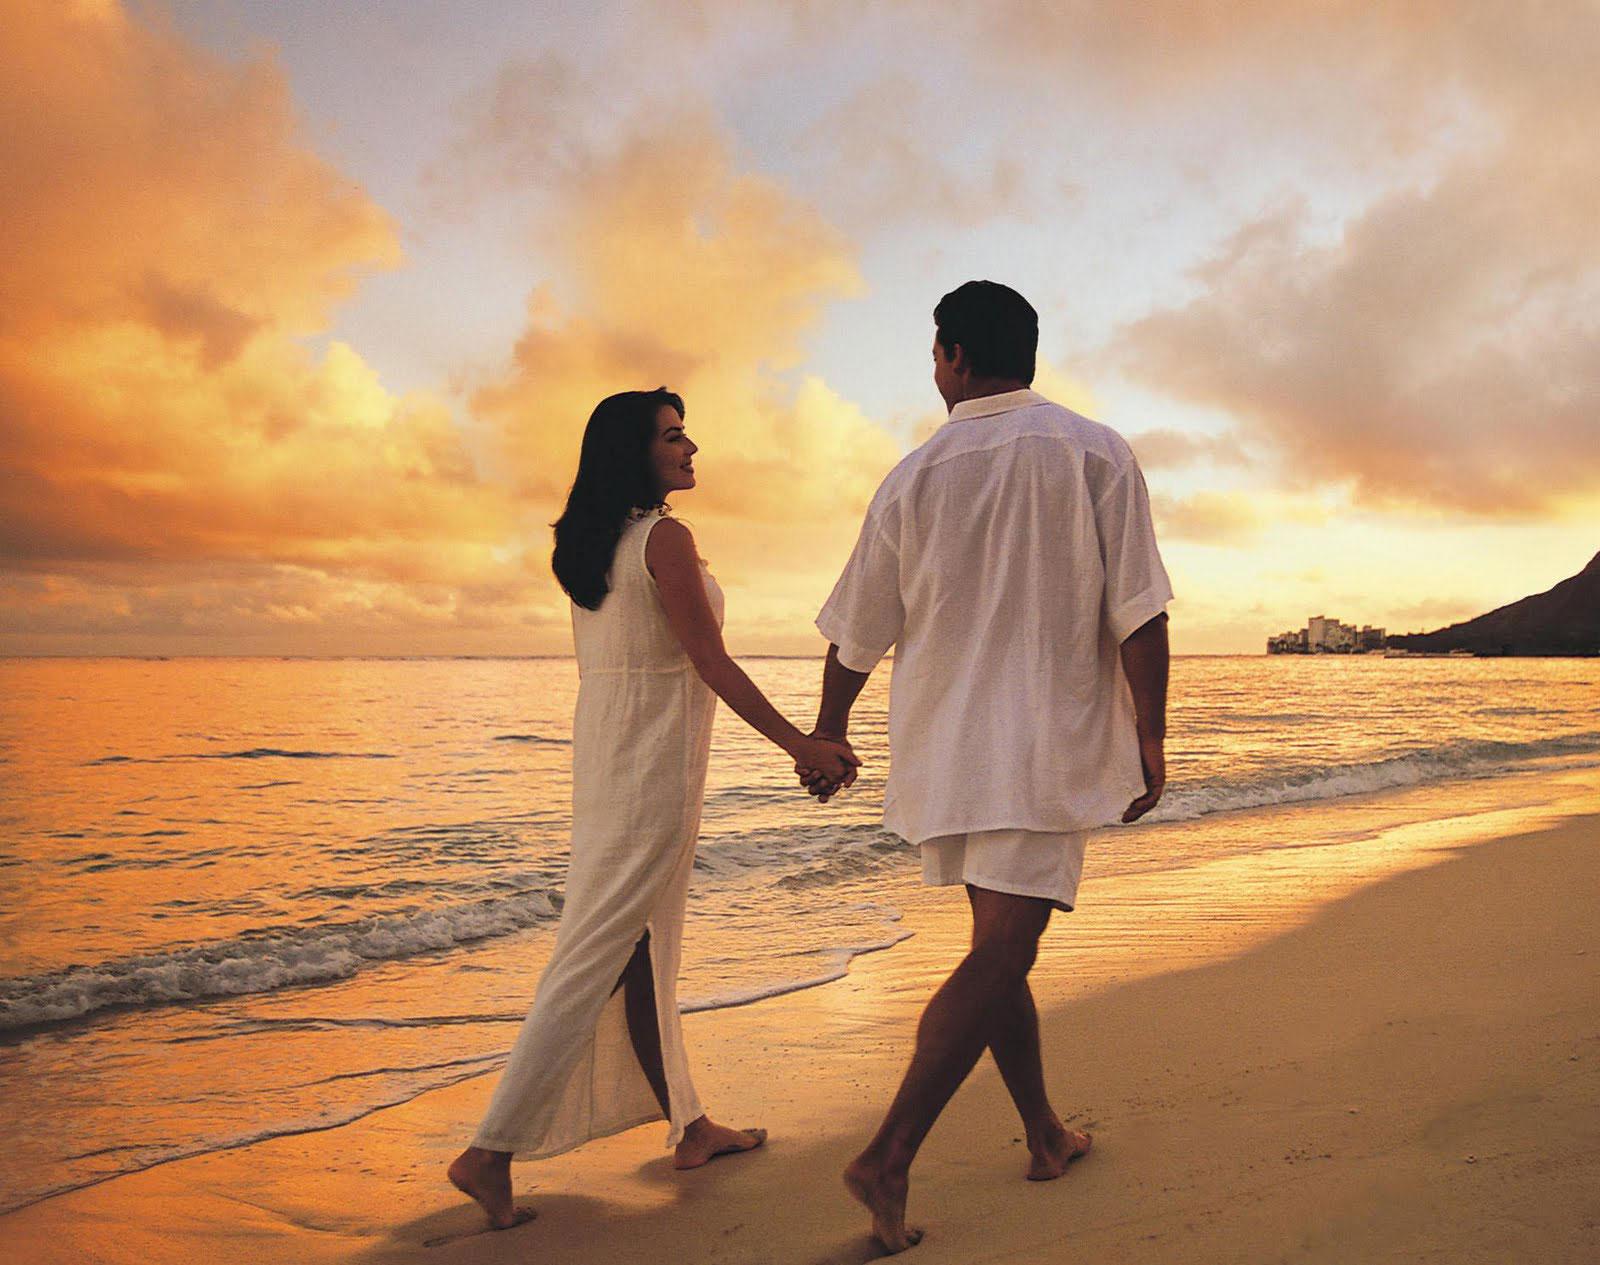 http://4.bp.blogspot.com/-FoTaKAr4_p4/TkUxr1hVYSI/AAAAAAAA1Fg/-hzpAFIJN6c/s1600/Beach-Love-Couple-Wallpaper.jpg